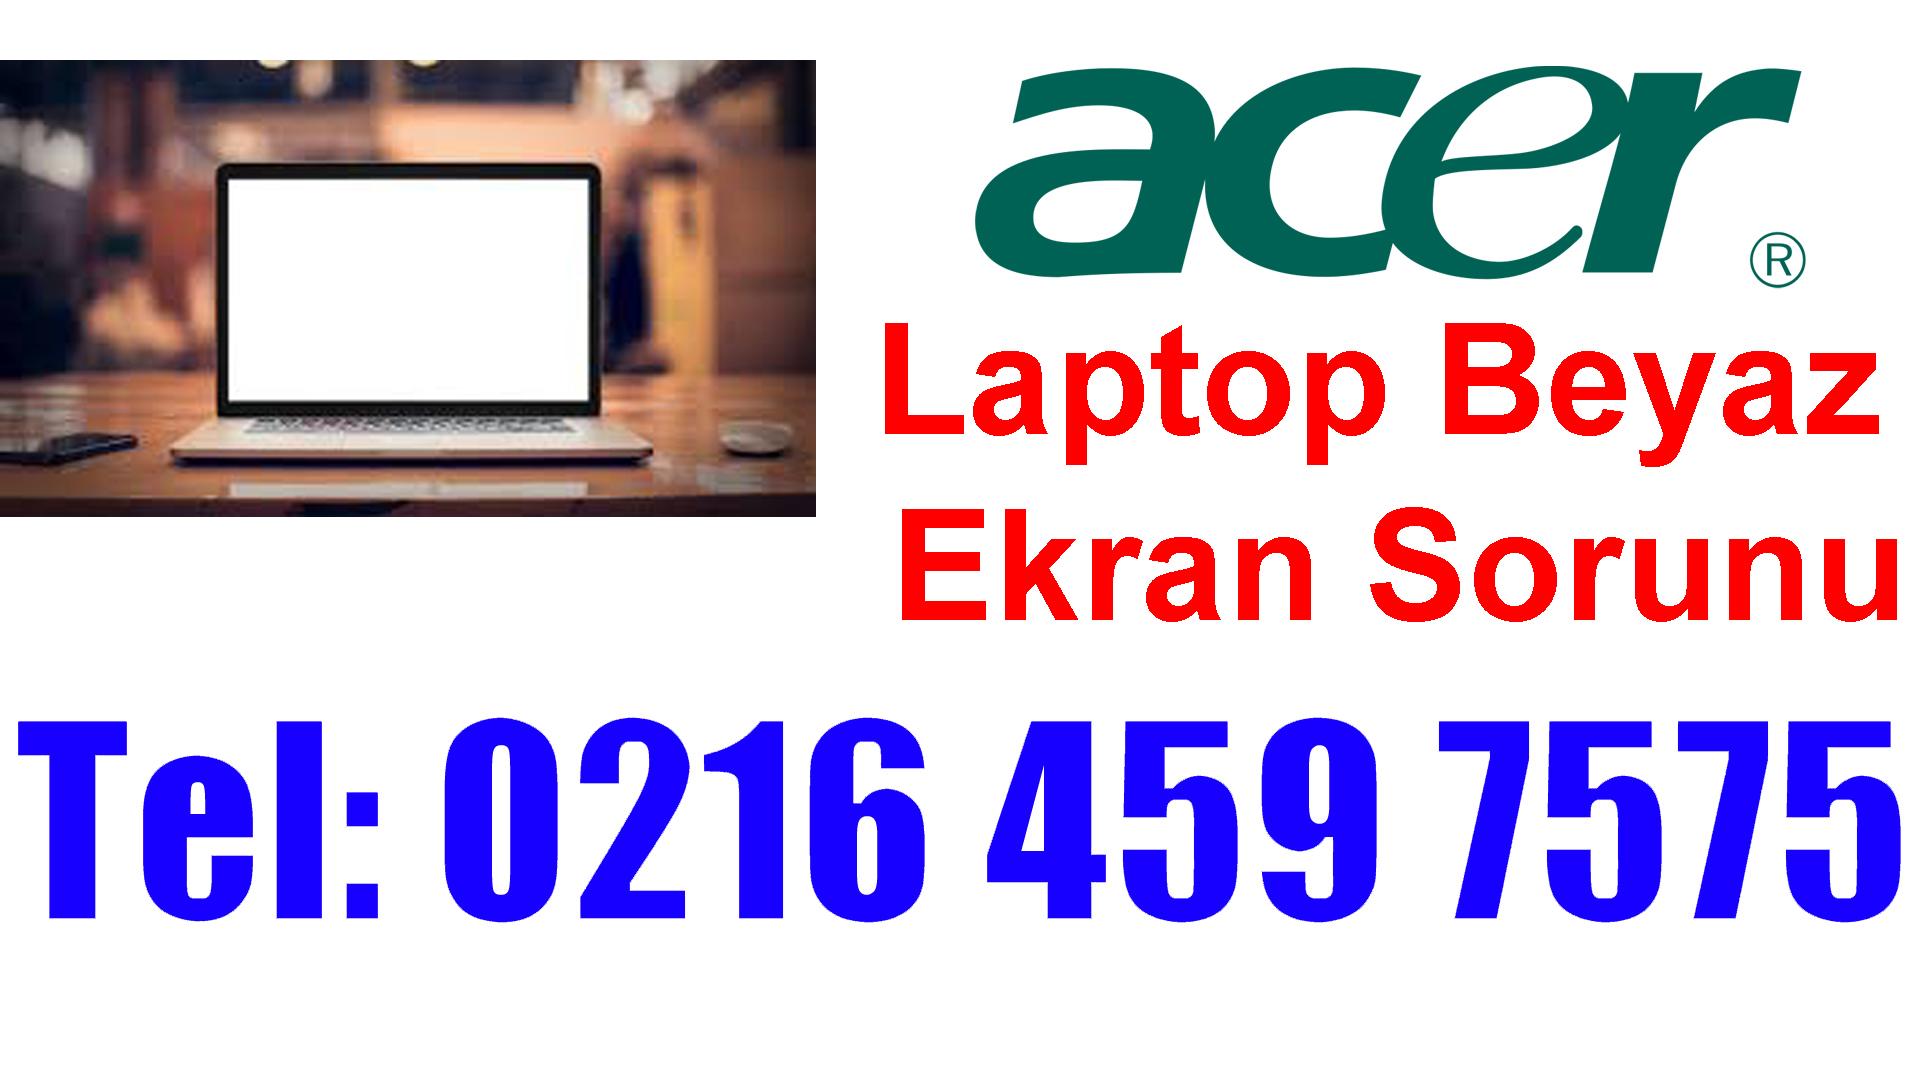 Acer Laptop Beyaz Ekran Sorunu